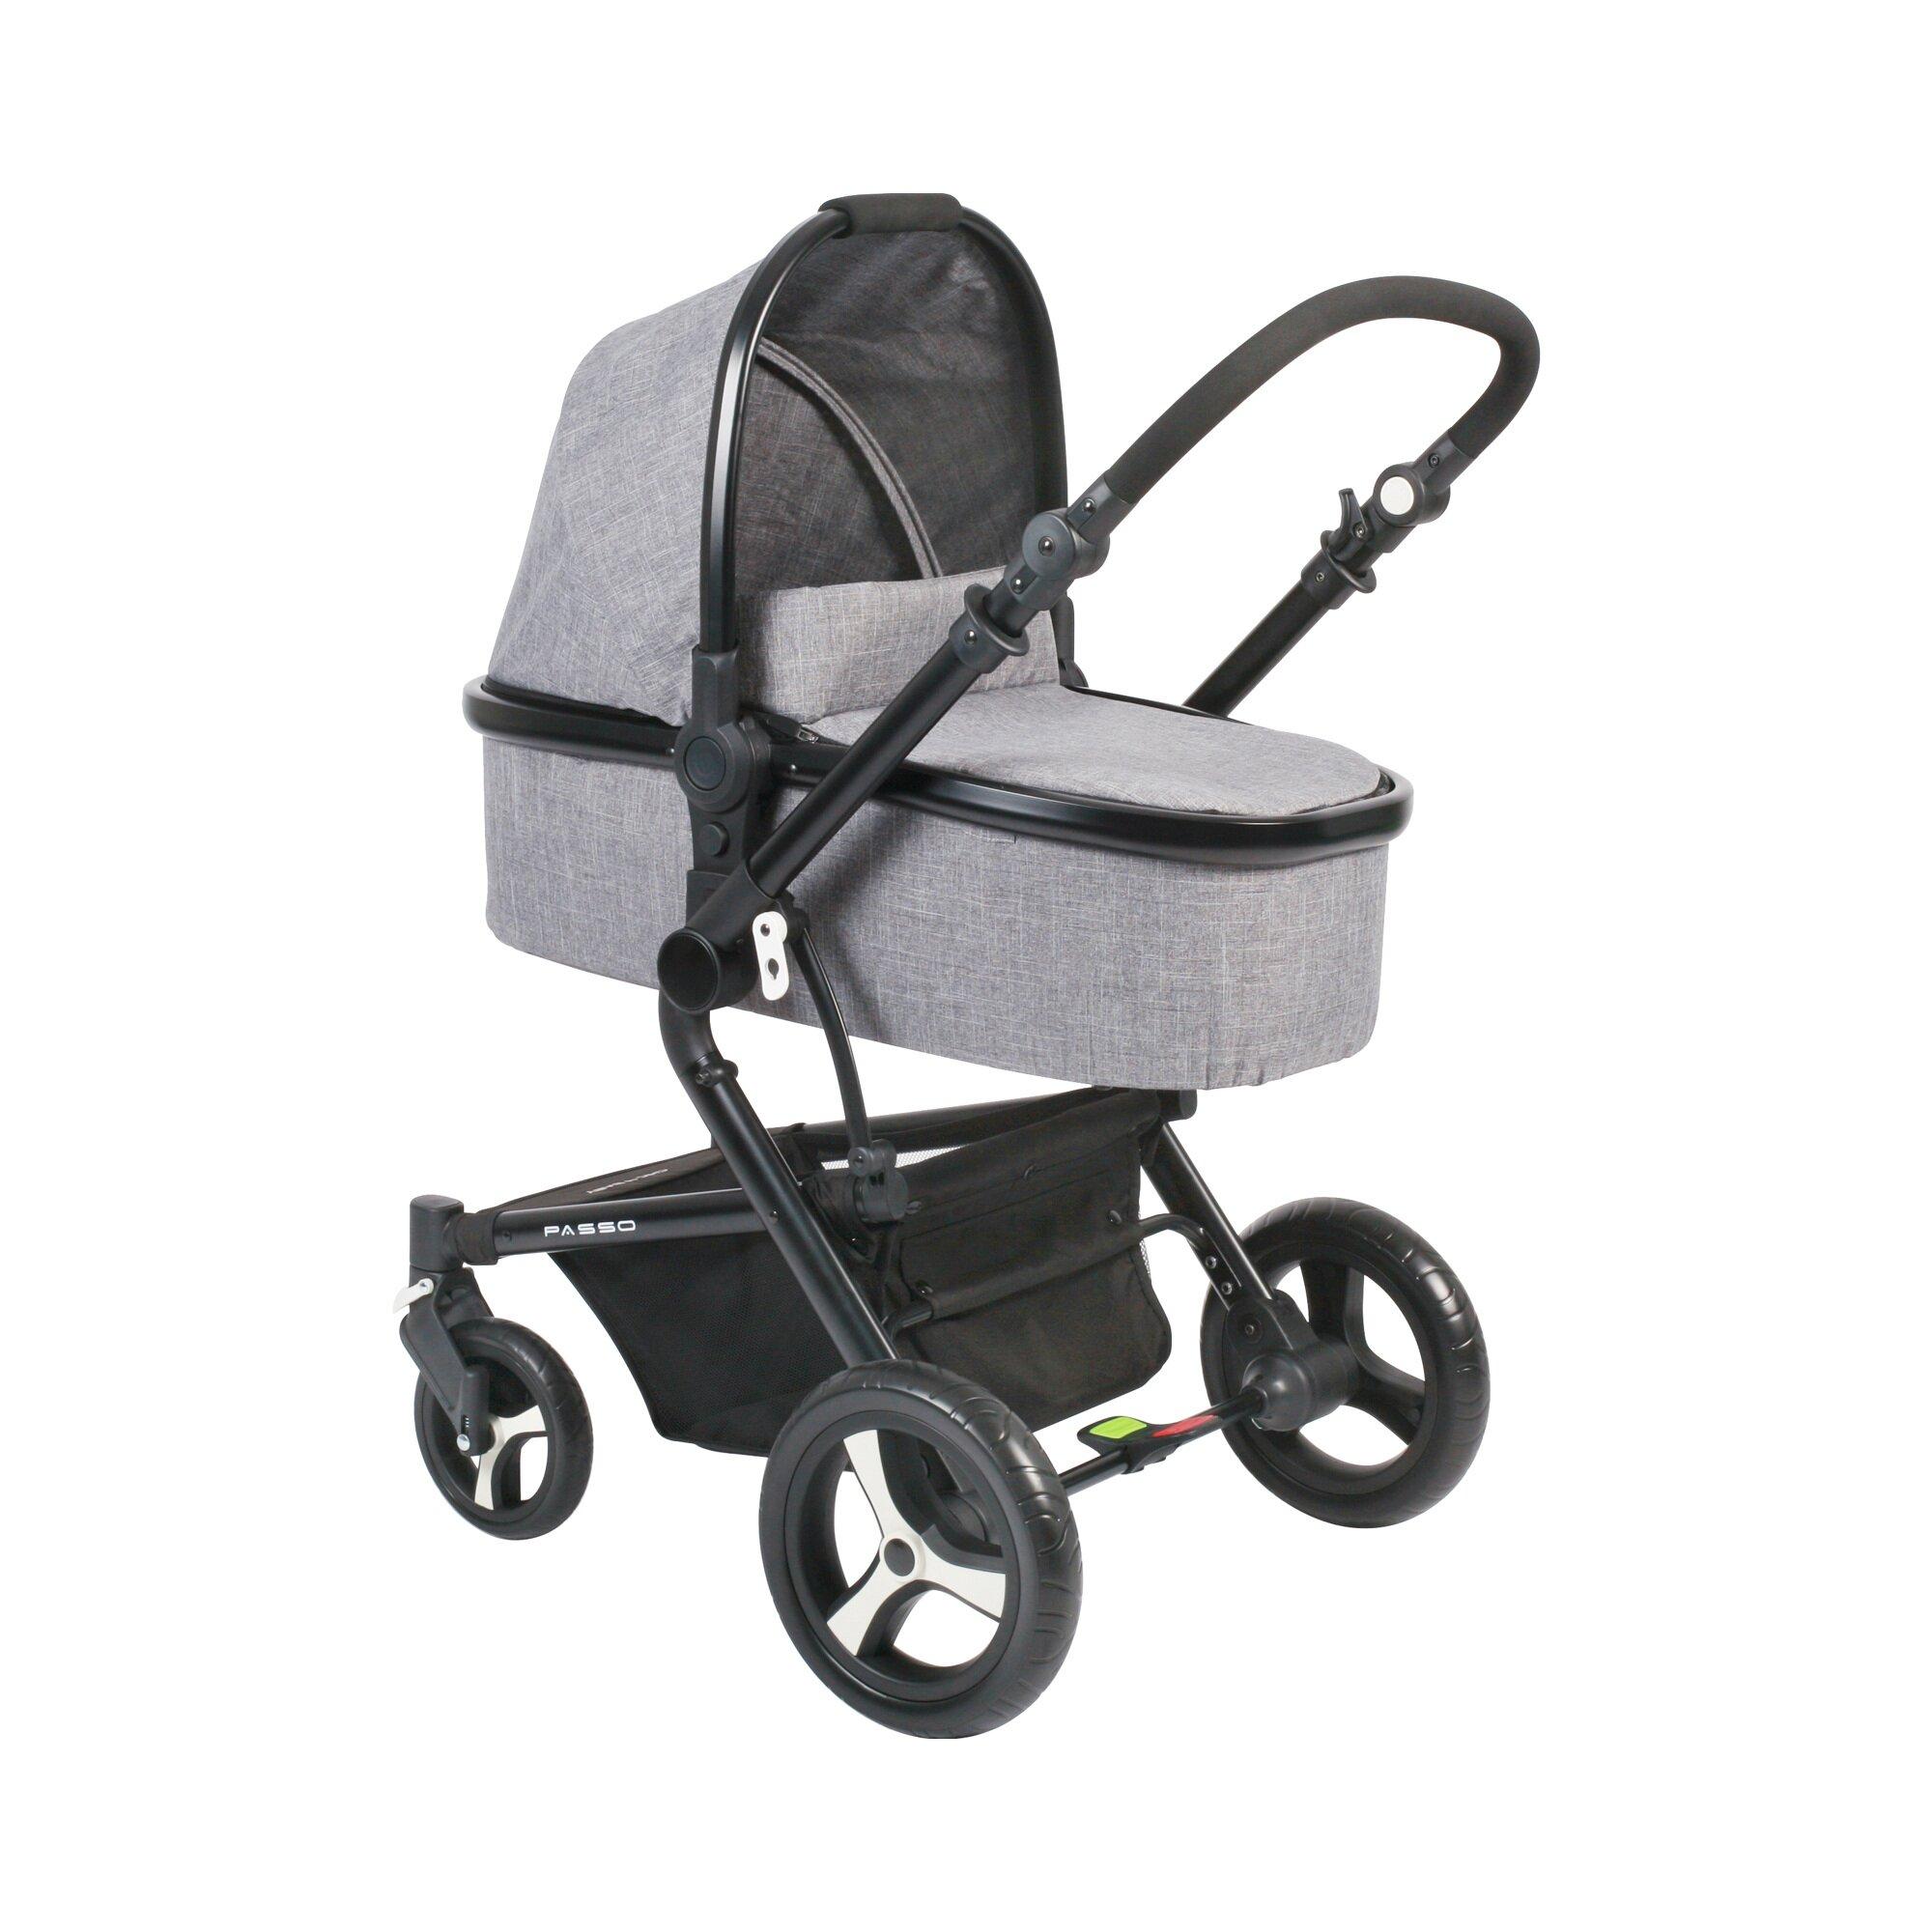 chic-4-baby-passo-kombikinderwagen-grau